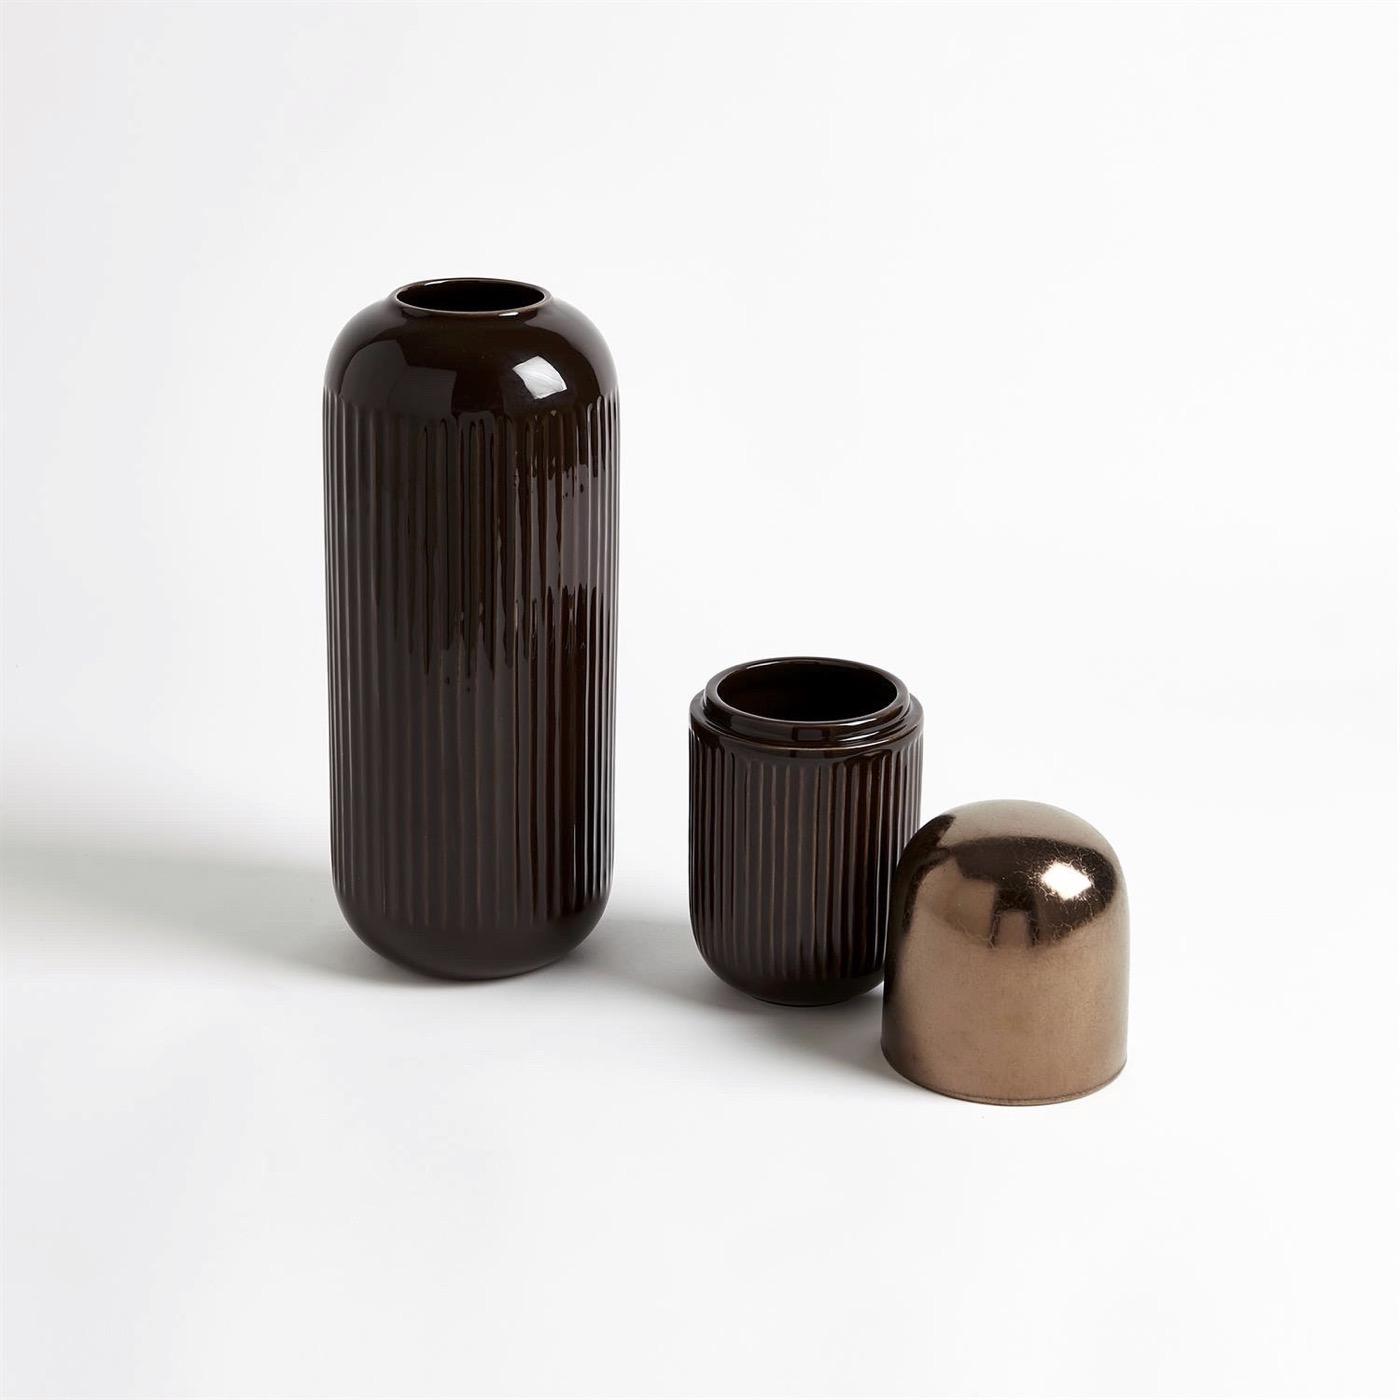 Medici Ceramic Vase